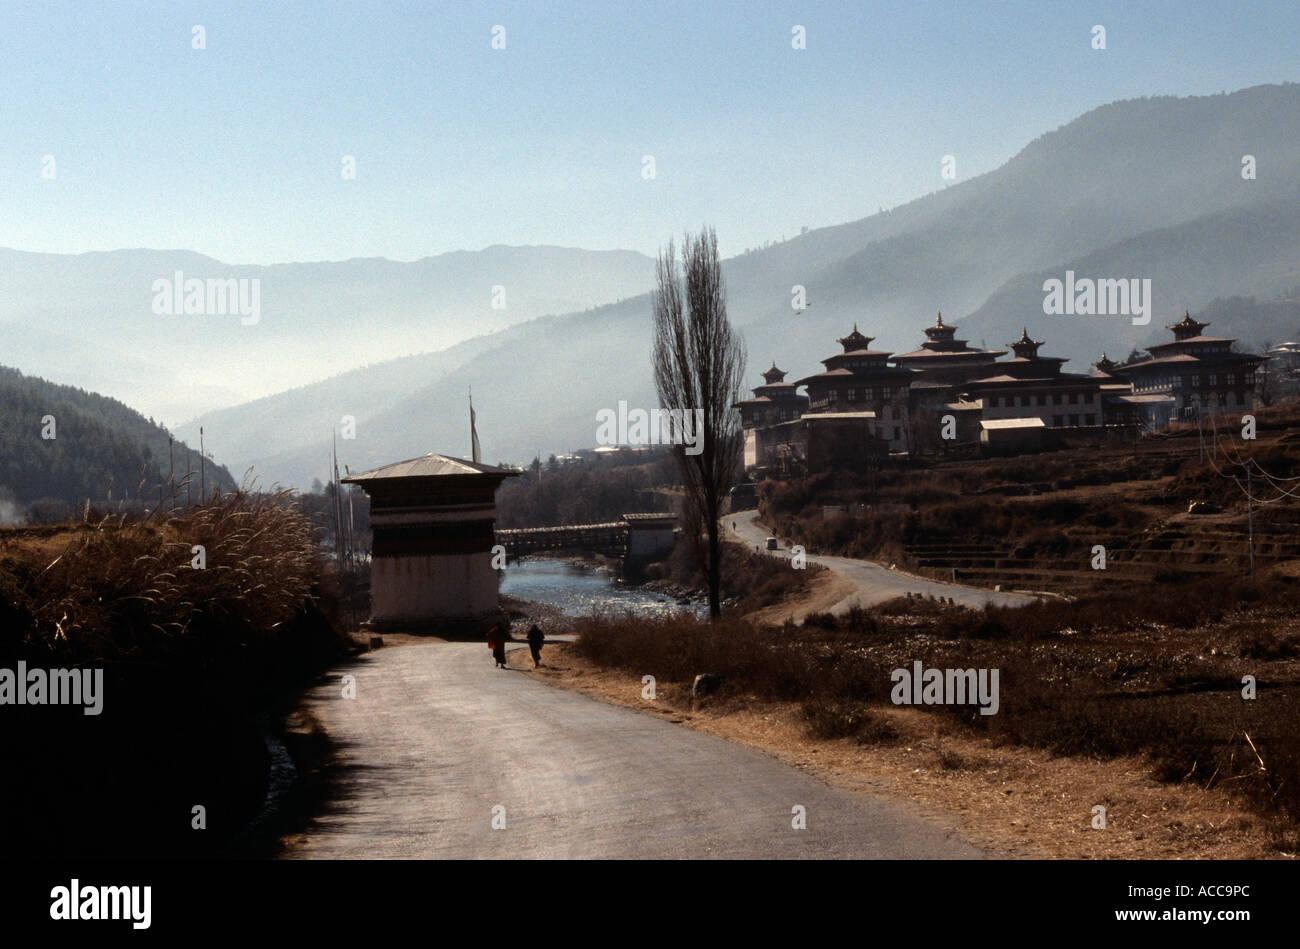 Vue d'Tashichho Dzong (Thimphu Dzong) dans la région de Misty vallée rurale, le Bhoutan, l'Asie du Sud Photo Stock